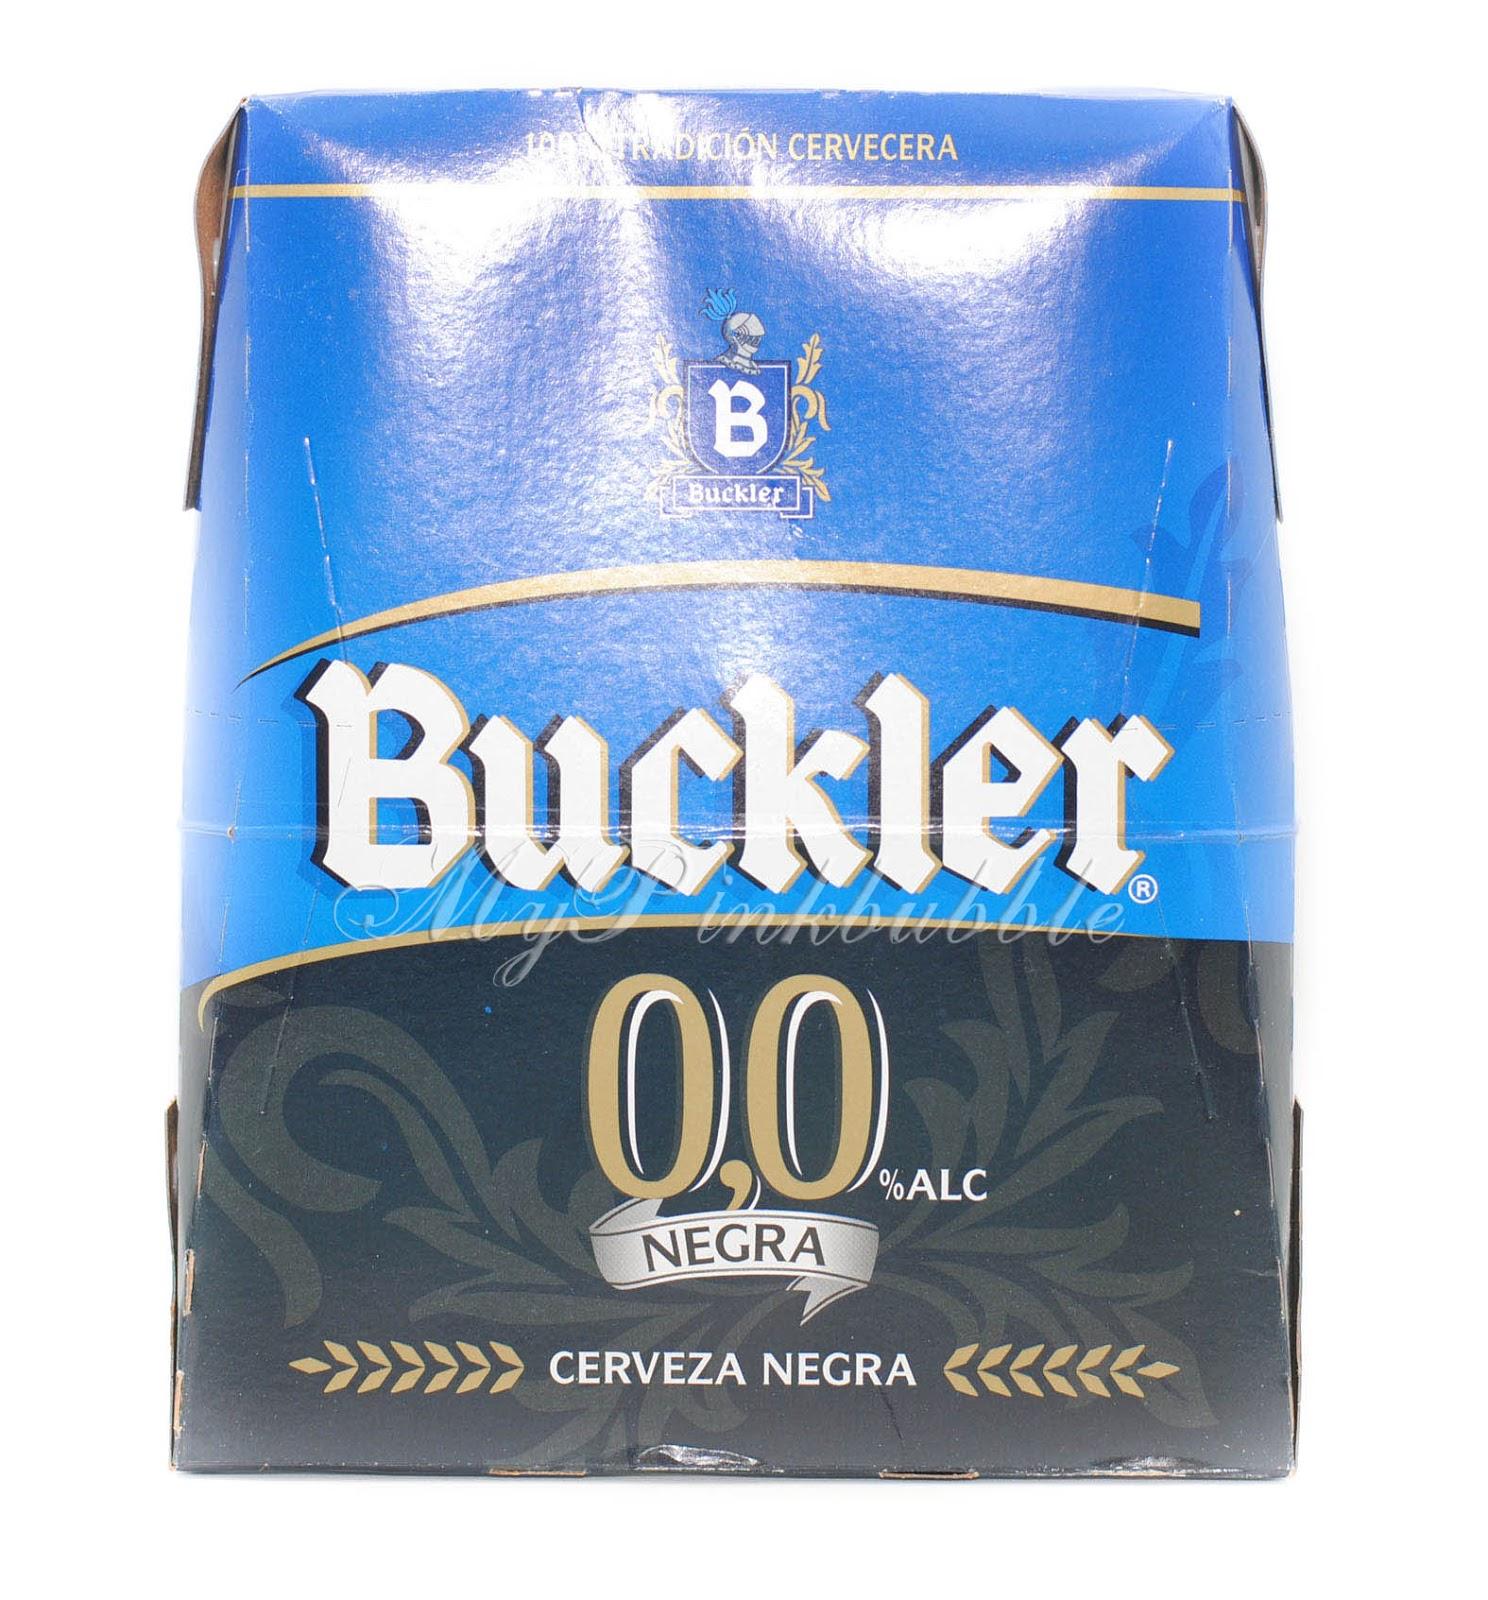 Buckler cerveza negra 00